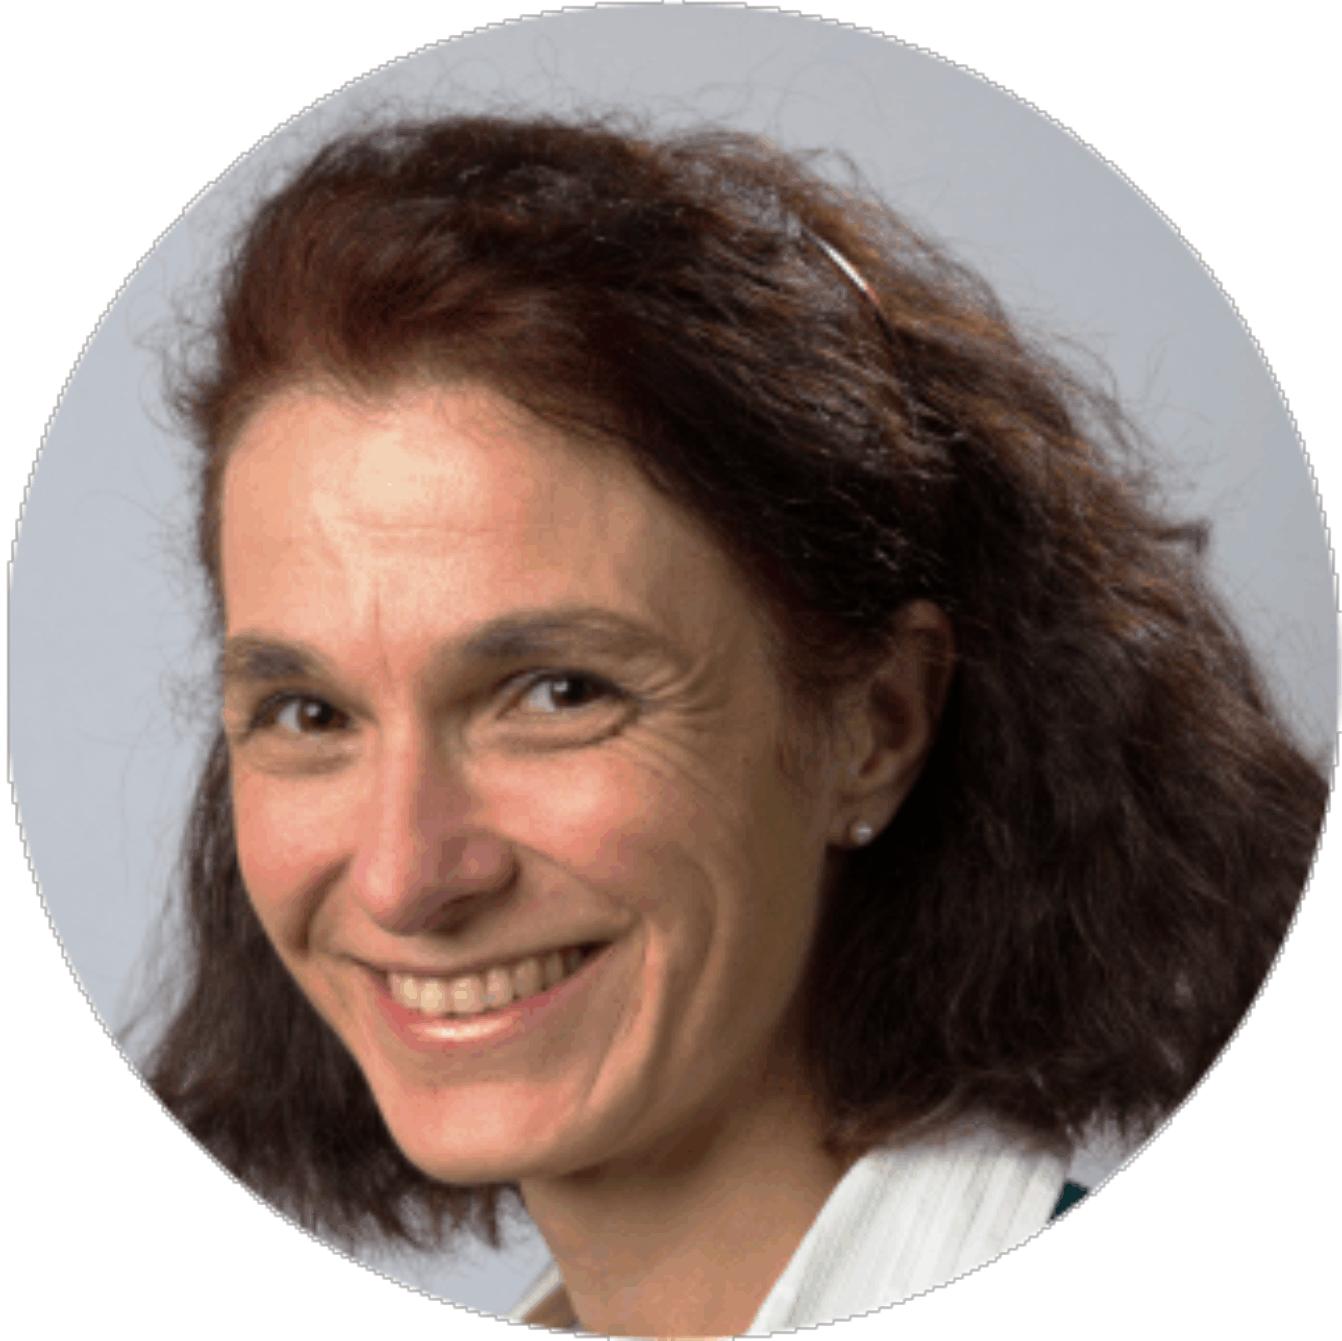 EFT Aufbau 1 AAMET - mit Sabine Rösner @ Ort: CH-8003 Zürich | Solothurn | Solothurn | Schweiz